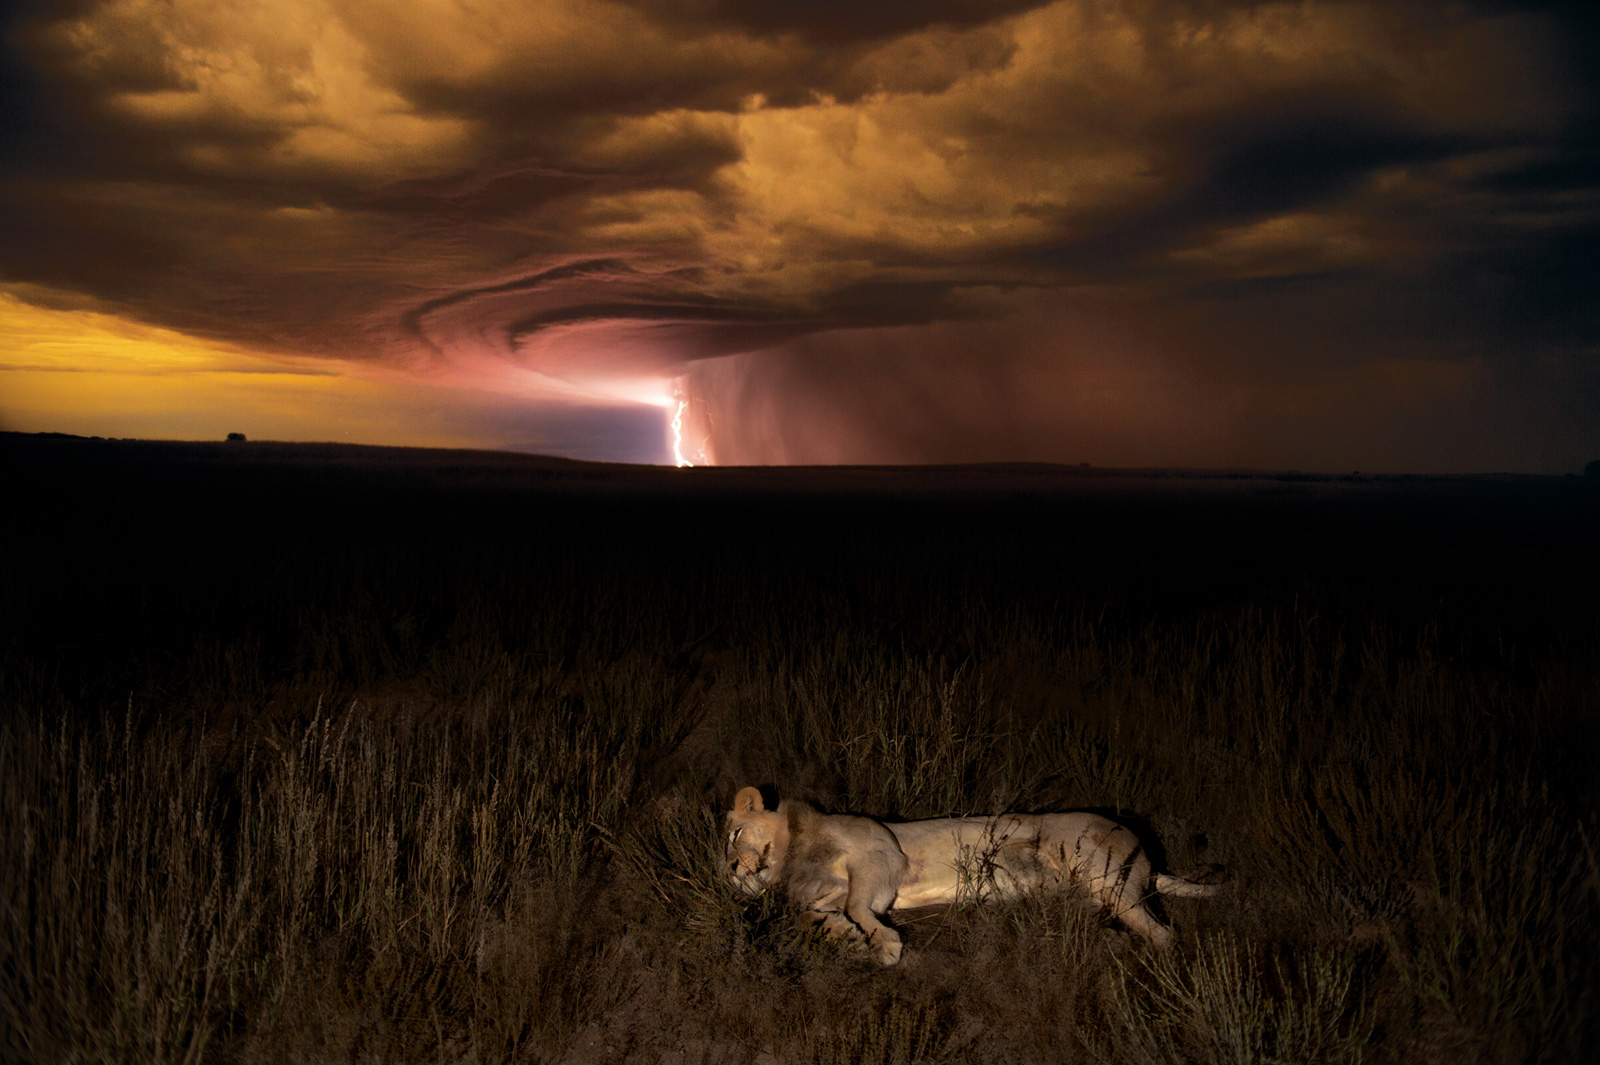 Hannes-Lochner-Kalahari-lion-lightning